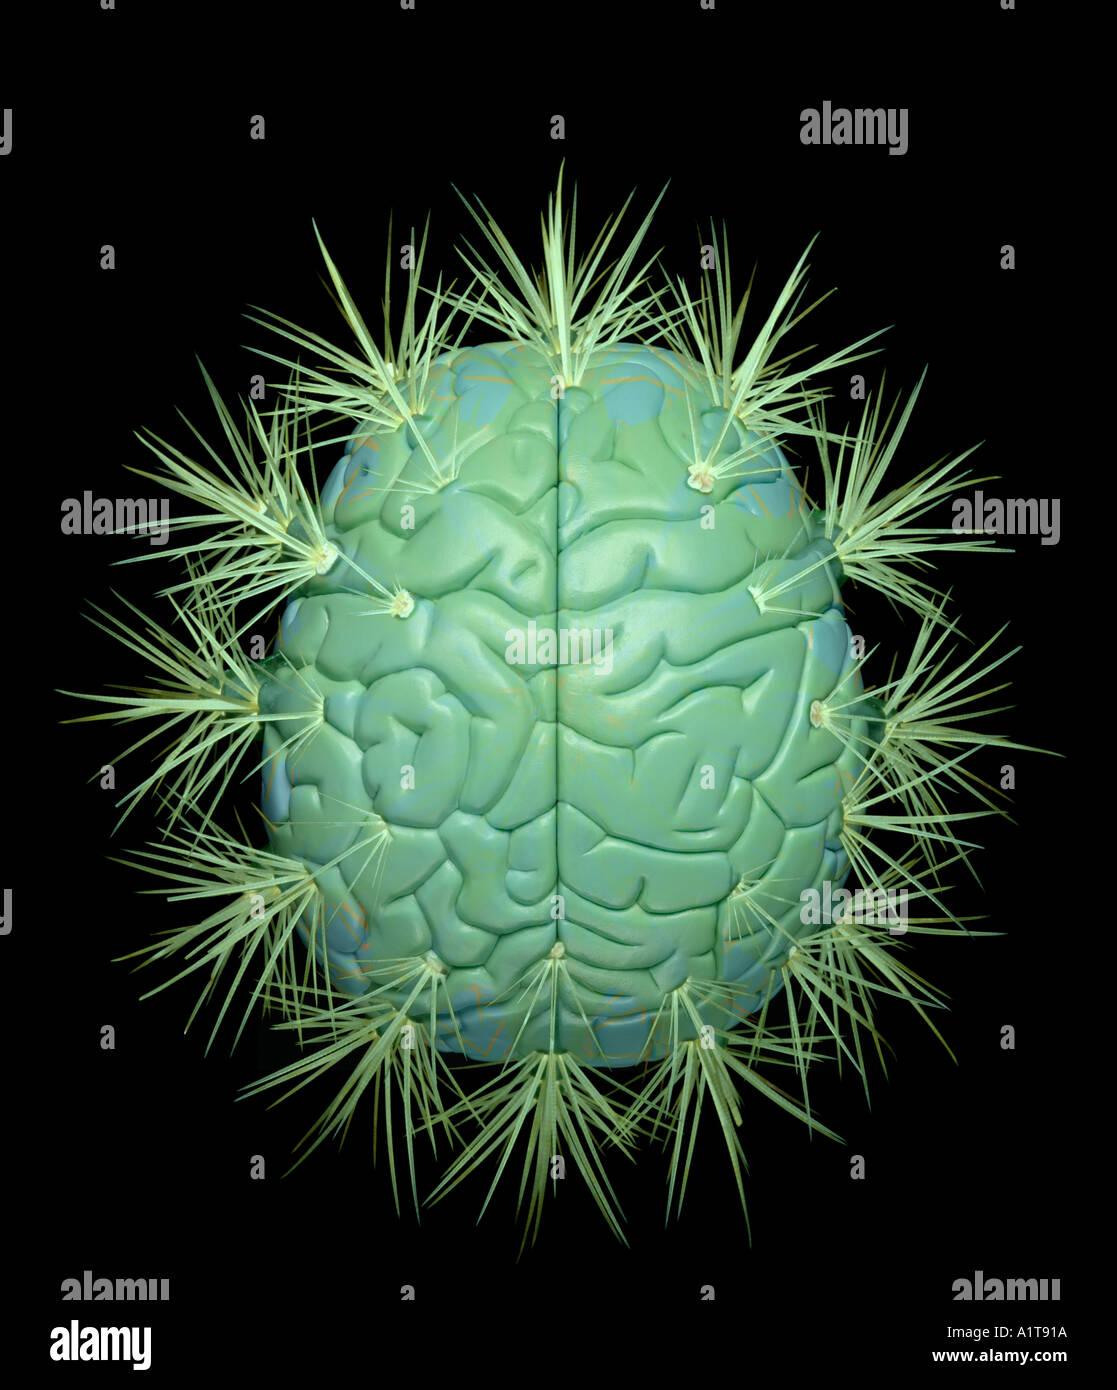 Cerebro Humano con espinas de cactus Imagen De Stock